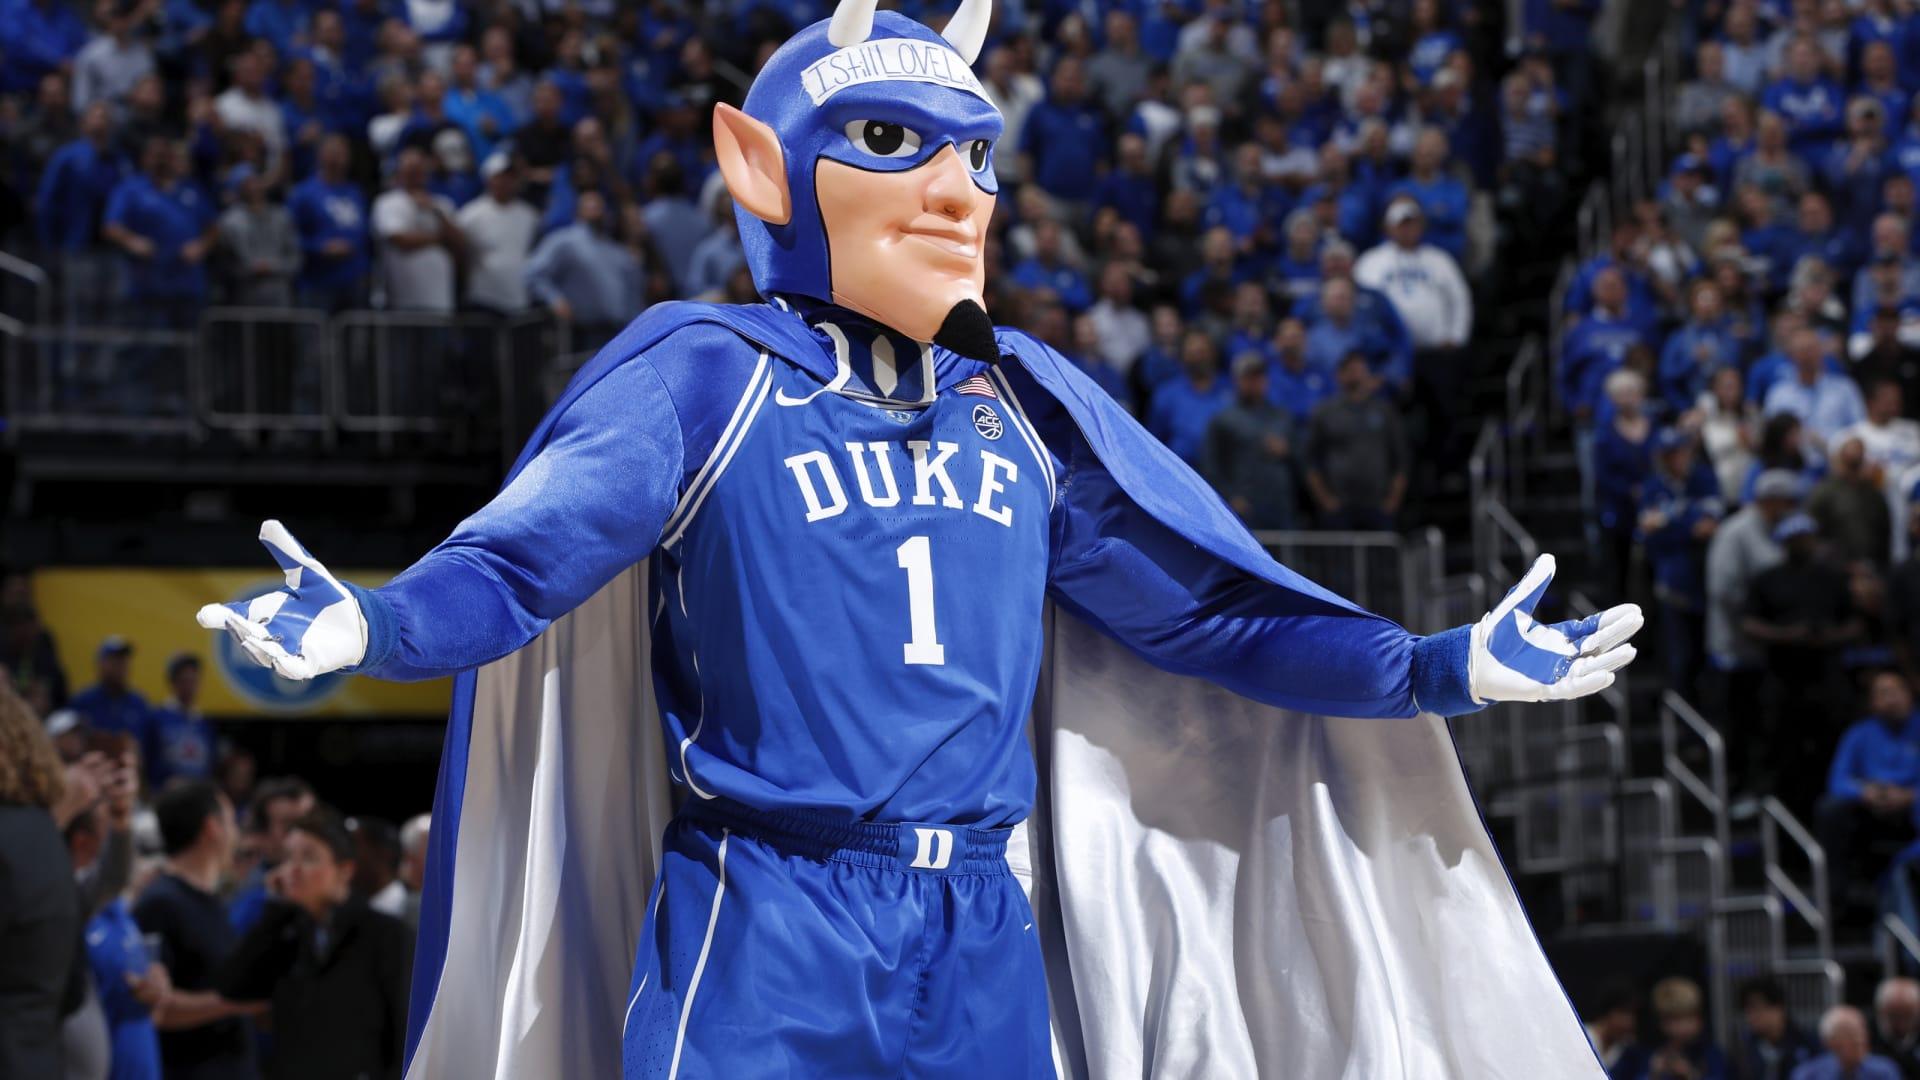 Duke basketball: Assessing Blue Devils, links to past national champions